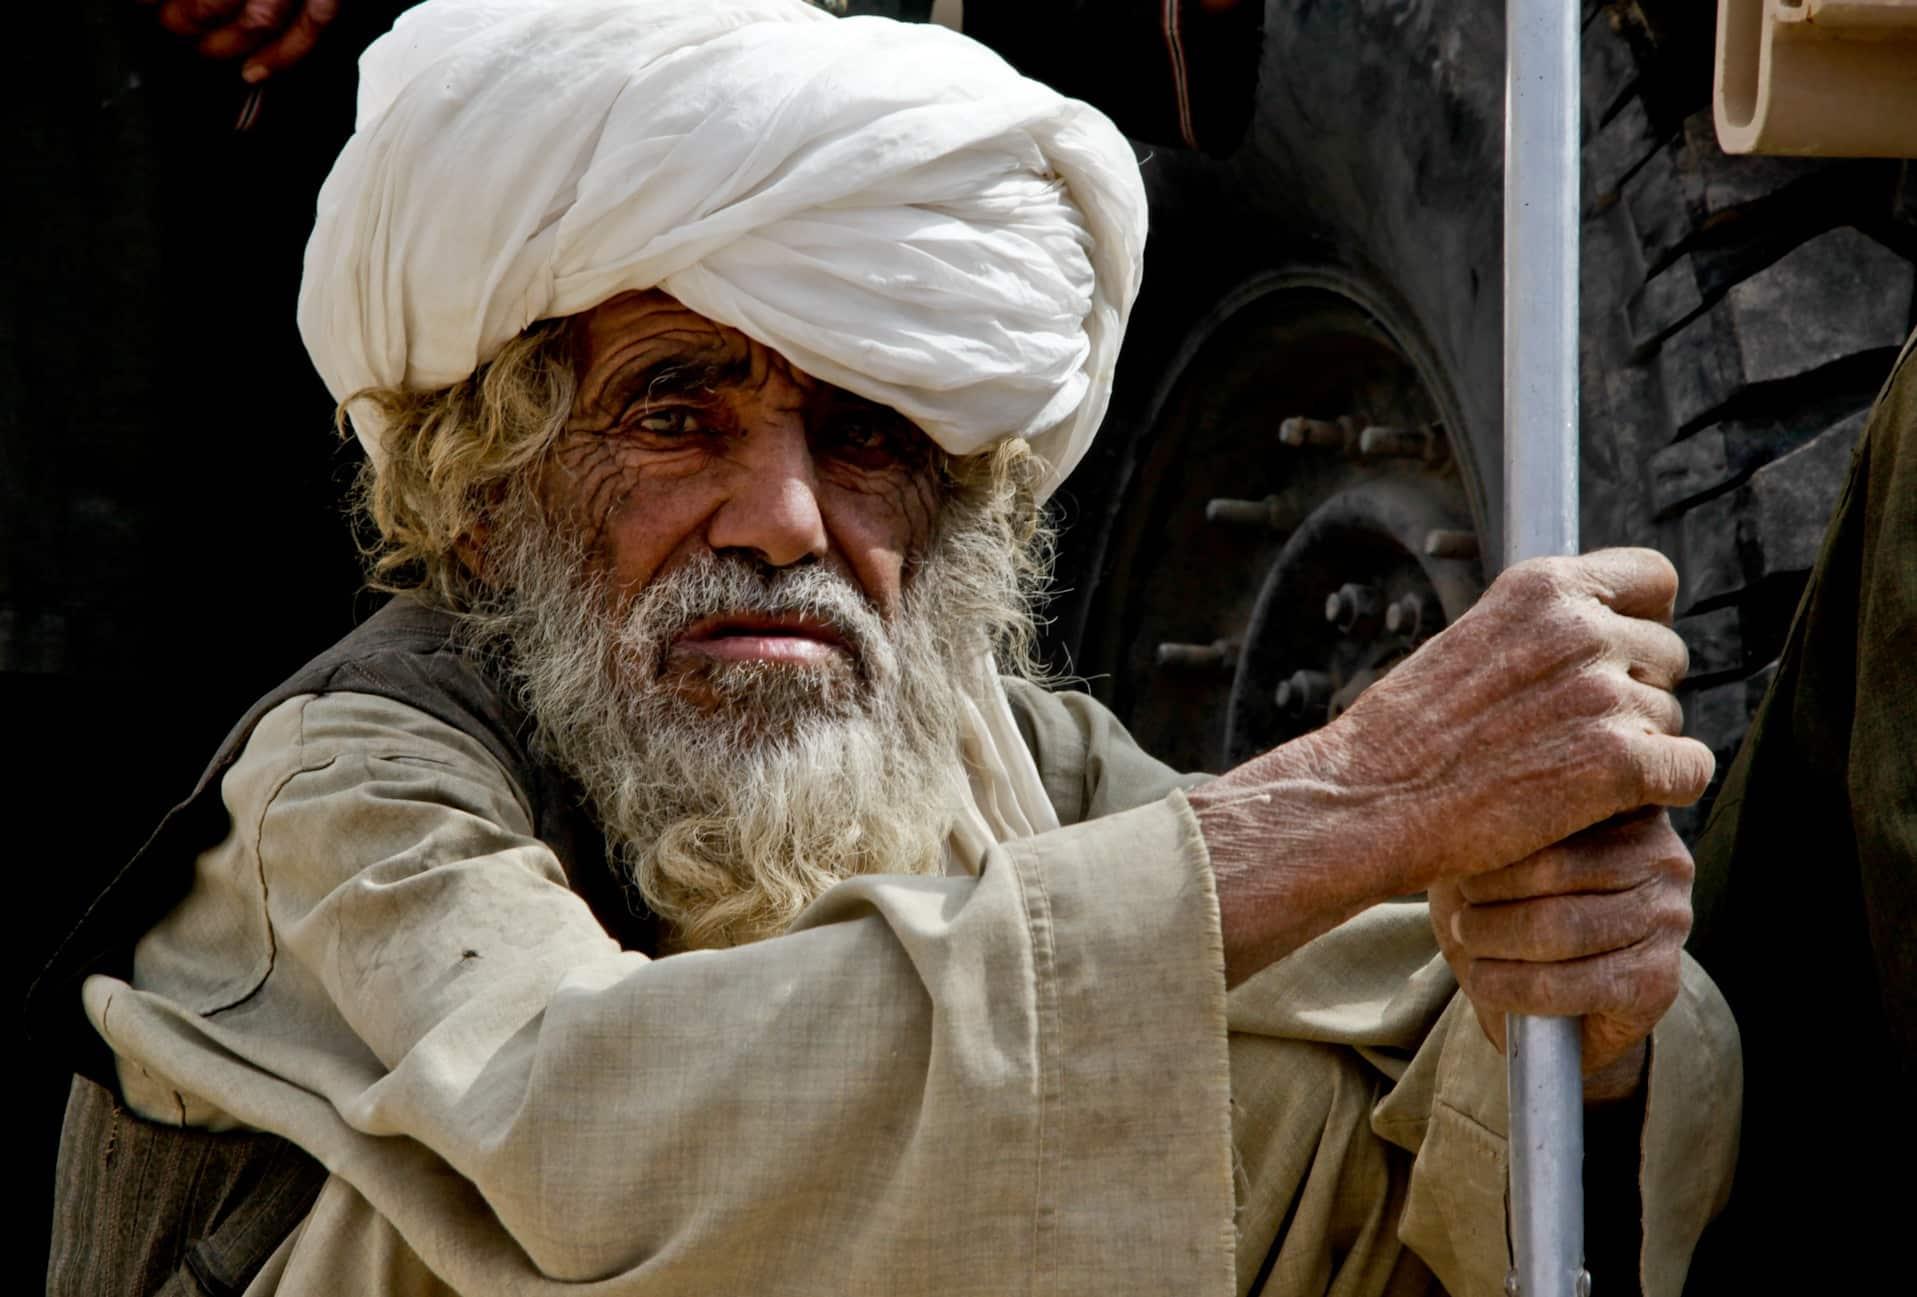 afghanistan, man, old